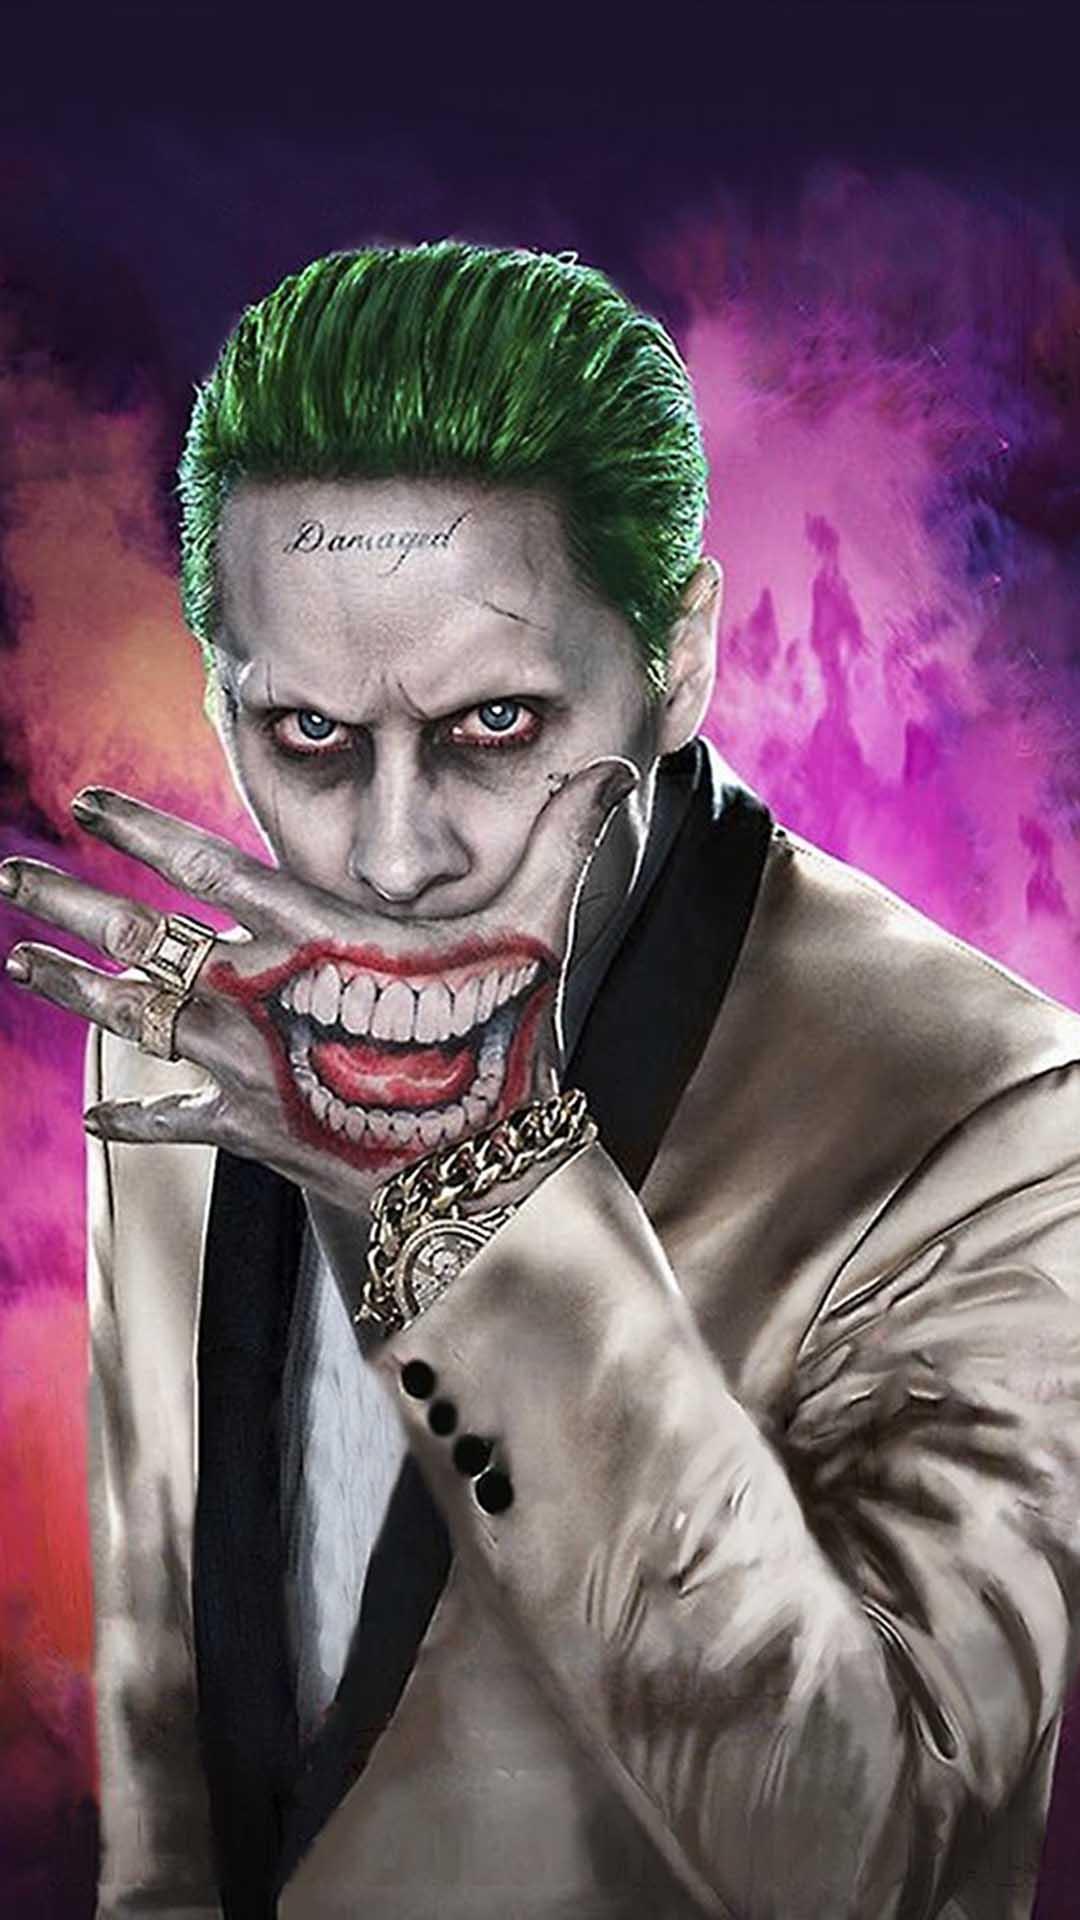 Iphone Wallpaper Joker Leto Joker Joker Jared Leto Hd 1080x1920 Download Hd Wallpaper Wallpapertip